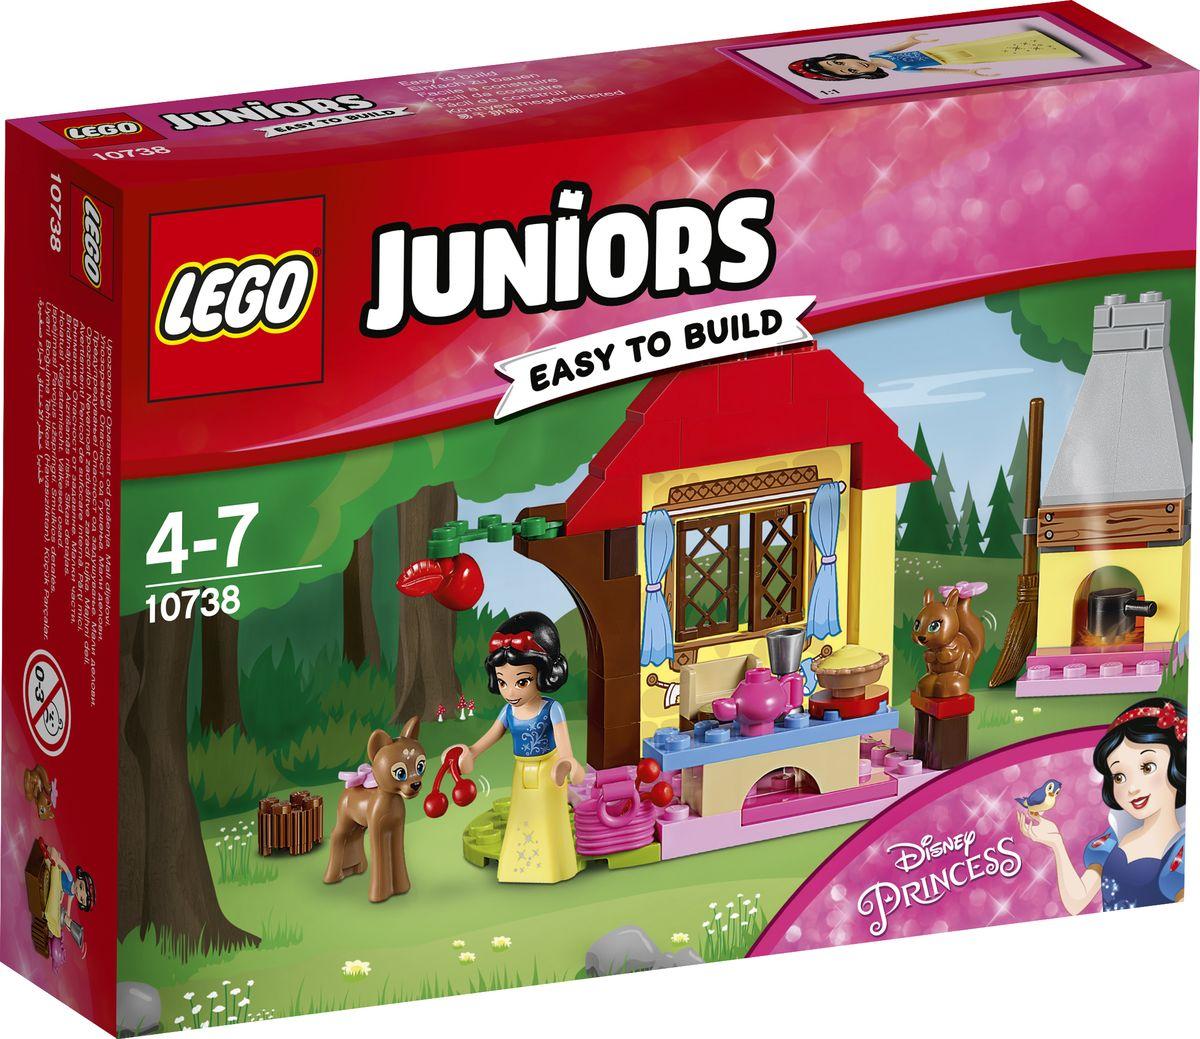 LEGO Juniors Конструктор Лесной домик Белоснежки 10738 конструктор lego juniors ветеринарная клиника мии 10728